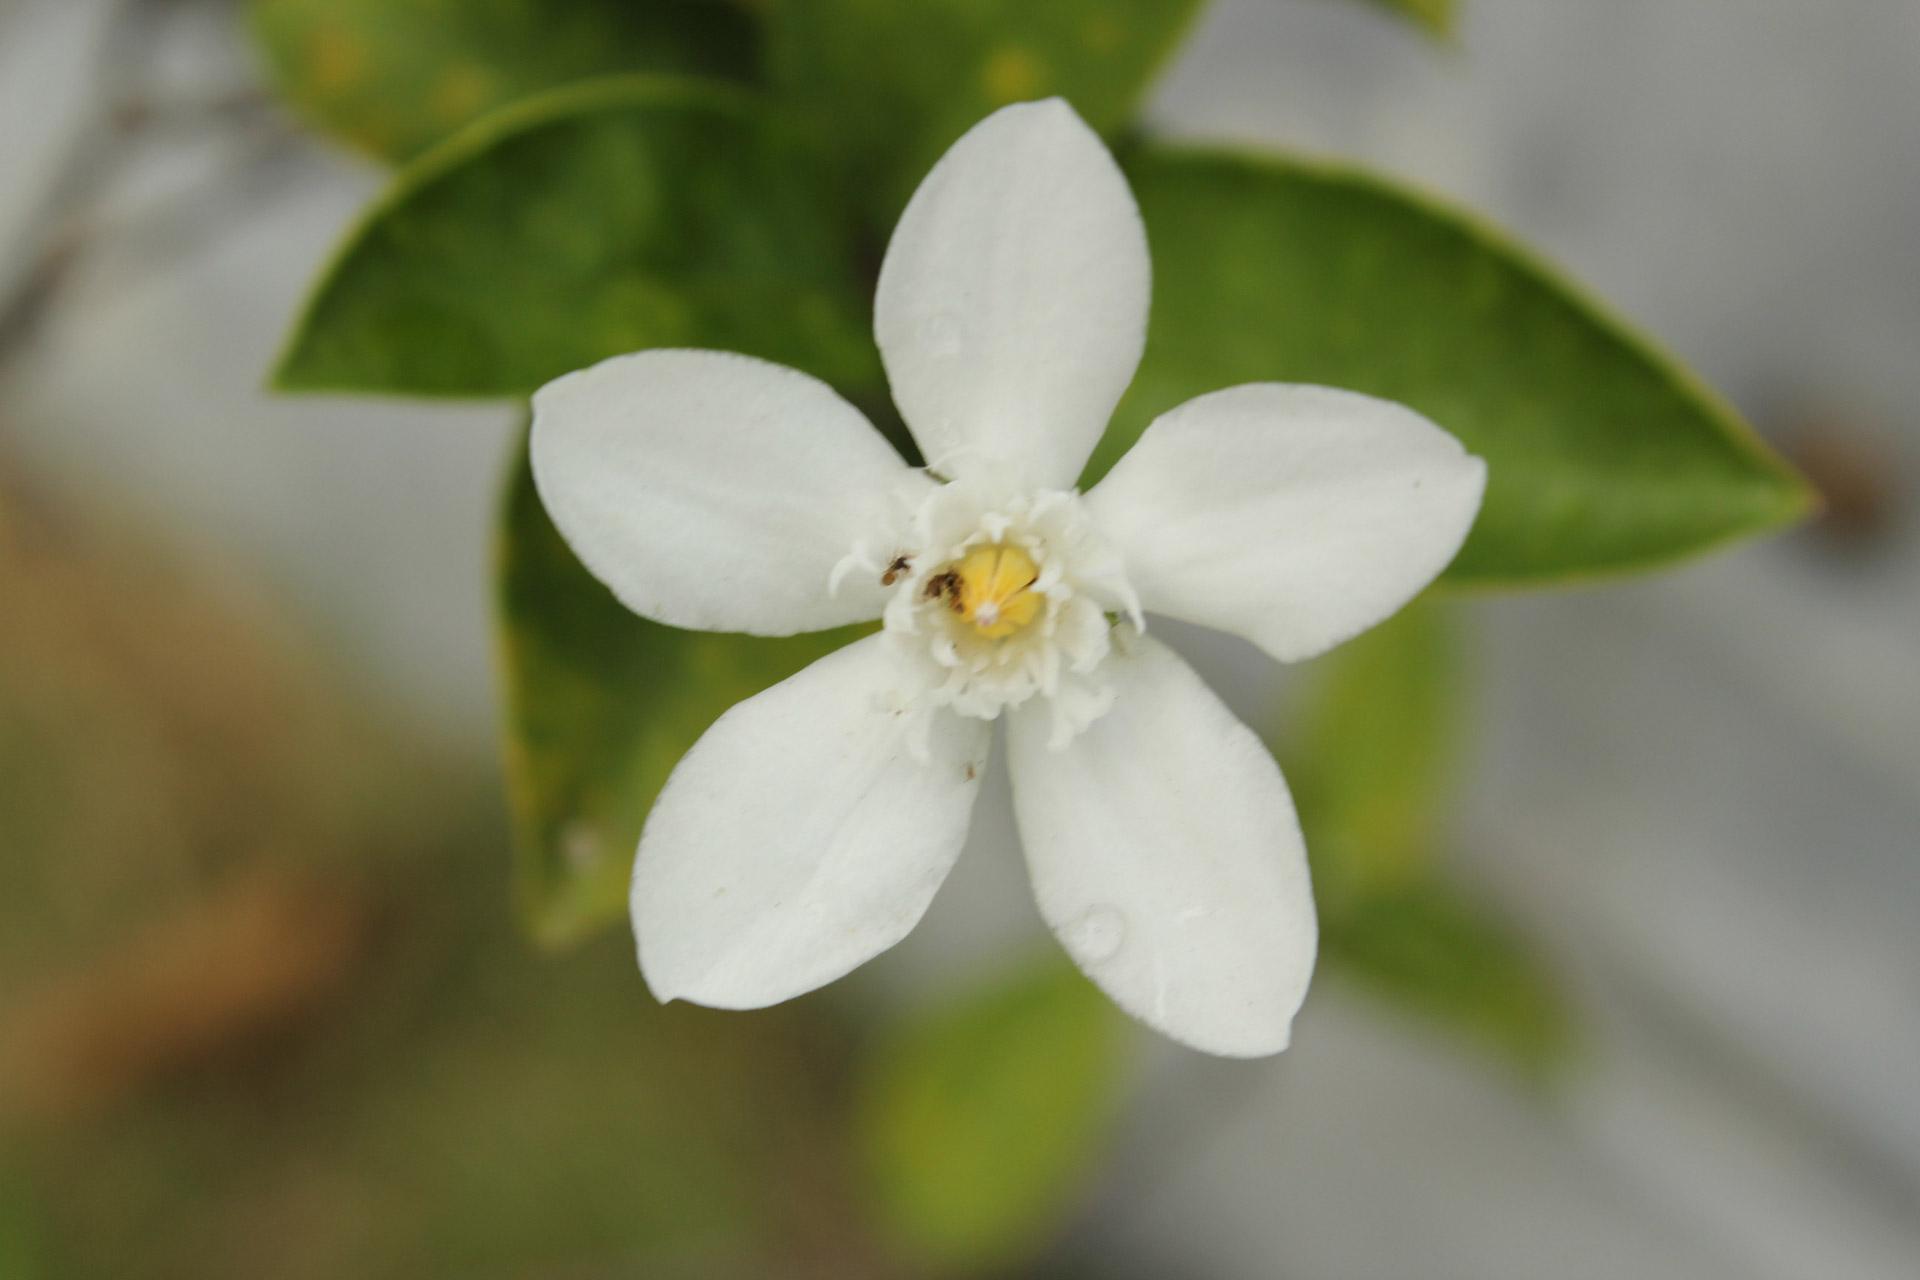 Cool White Flower